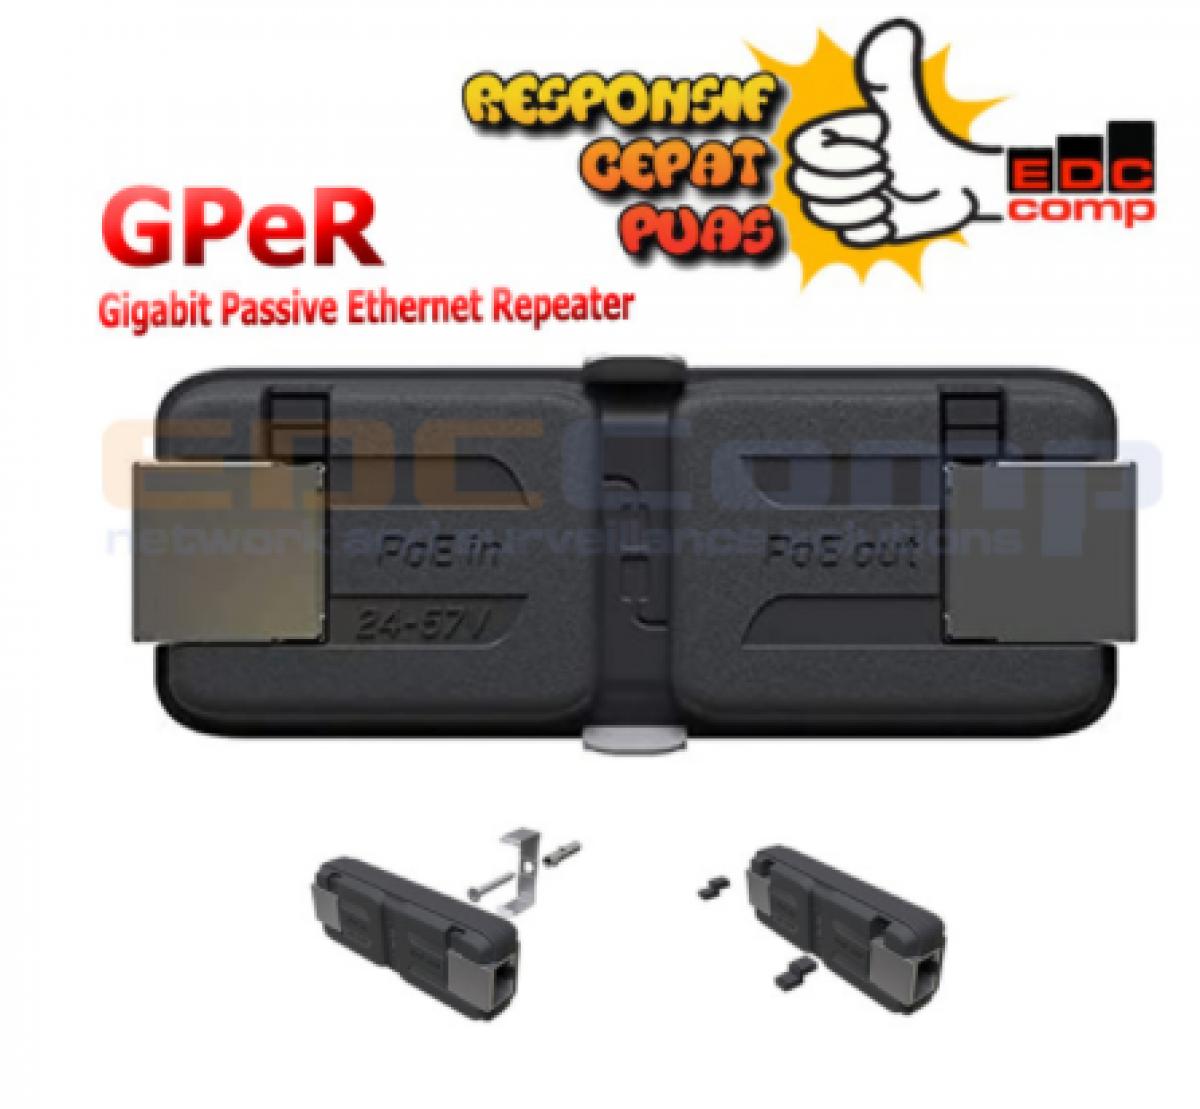 Mikrotik GPER Gigabit Passive Ethernet Repeater - EdcComp